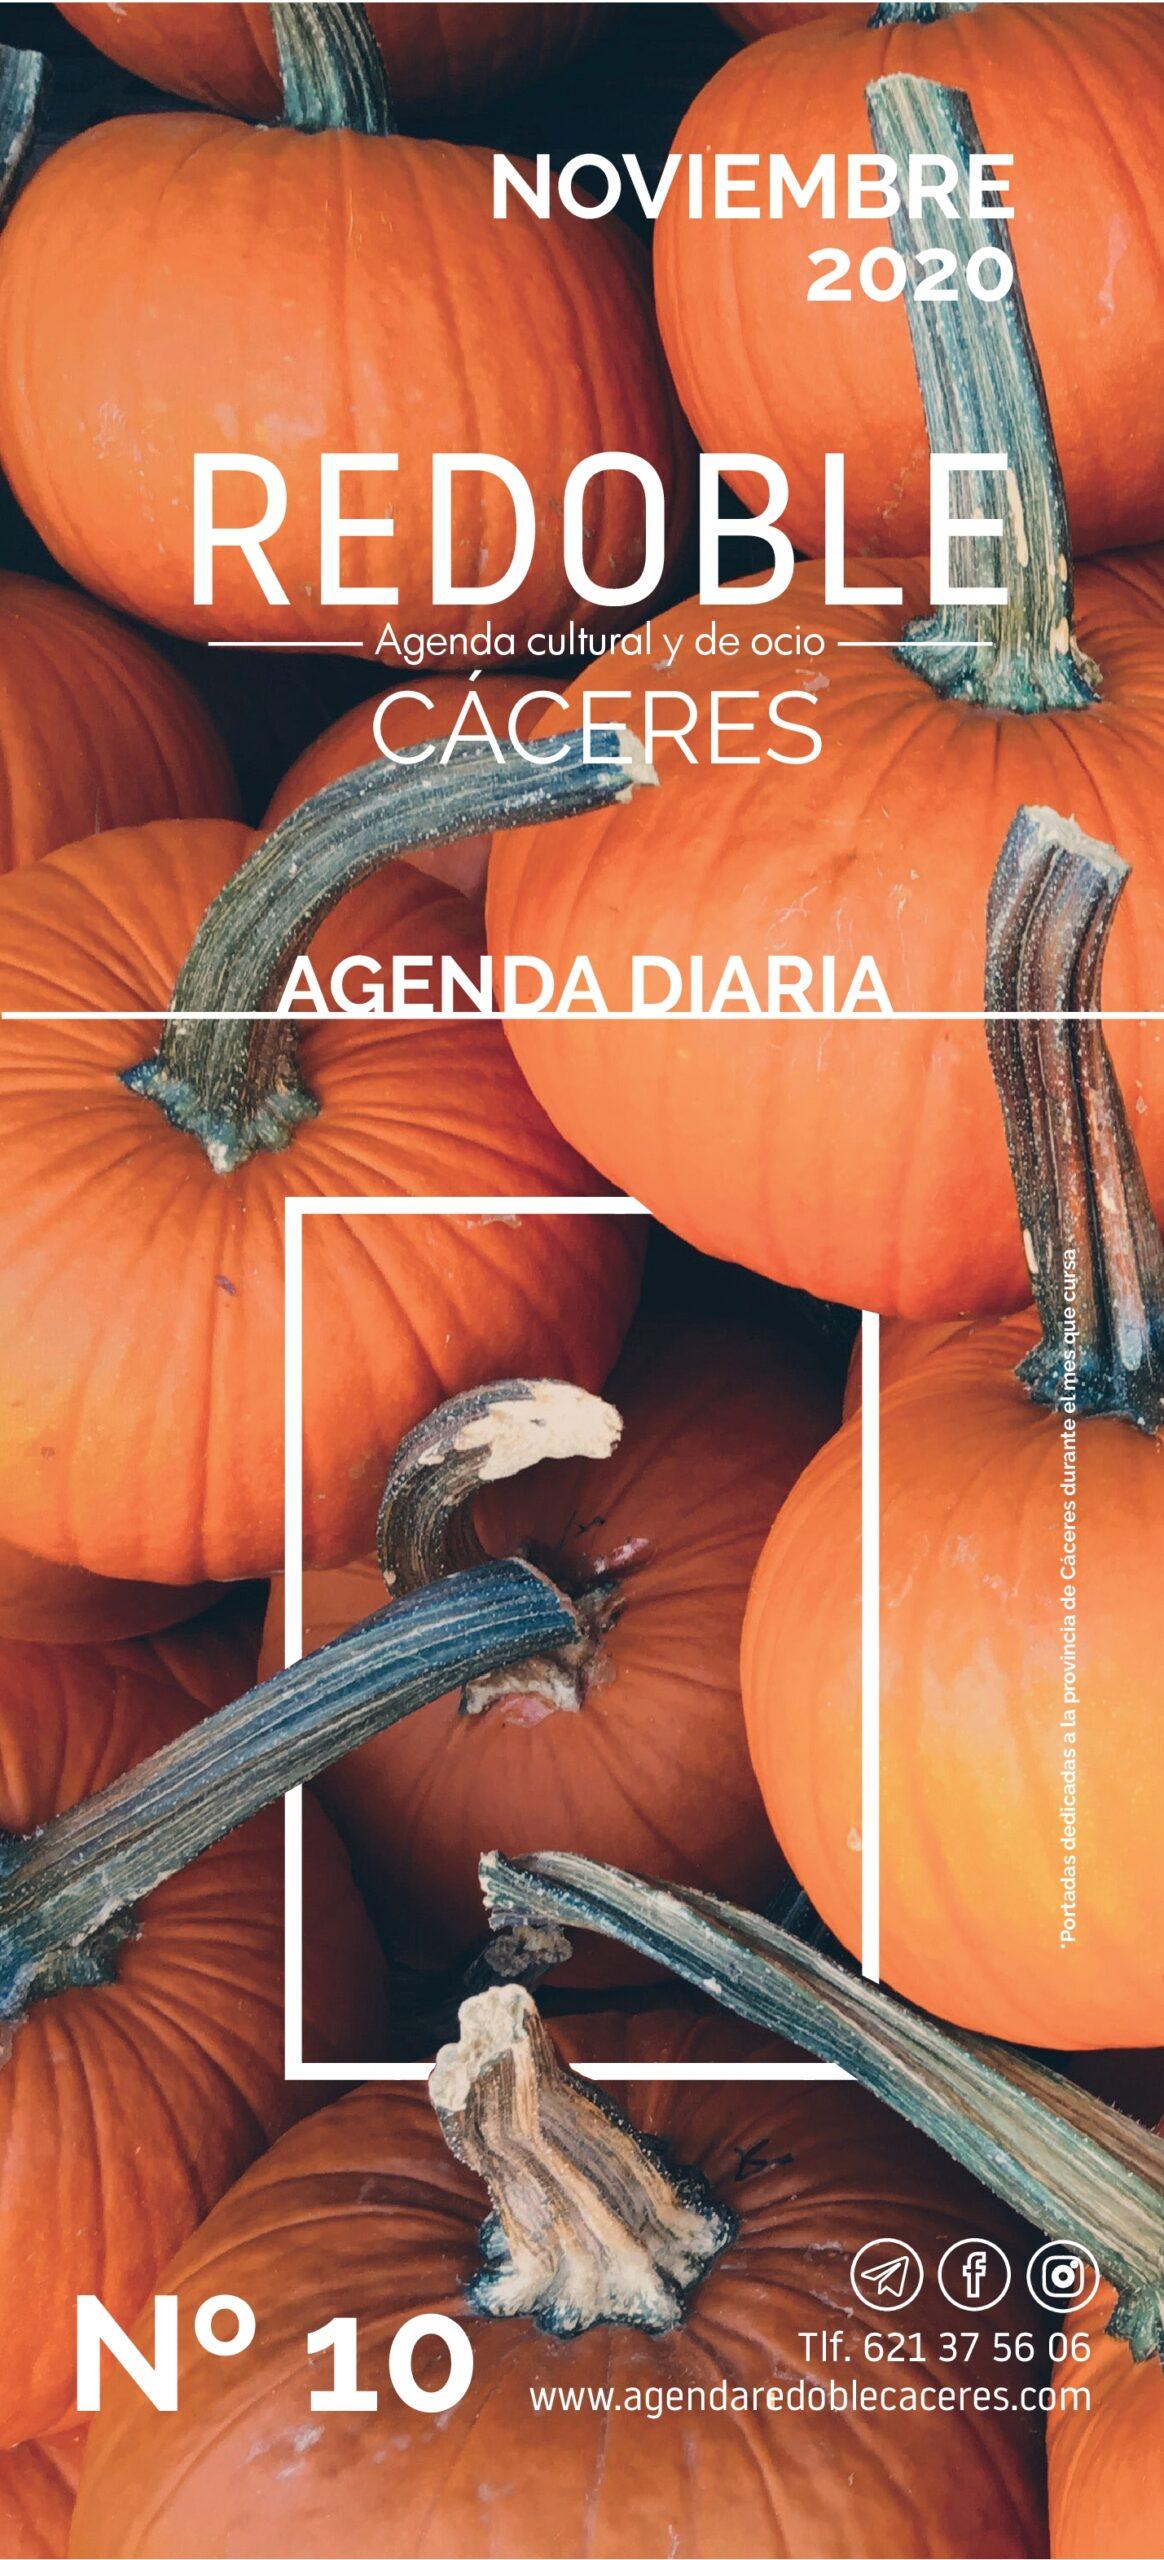 Agenda Redoble Cáceres Noviembre